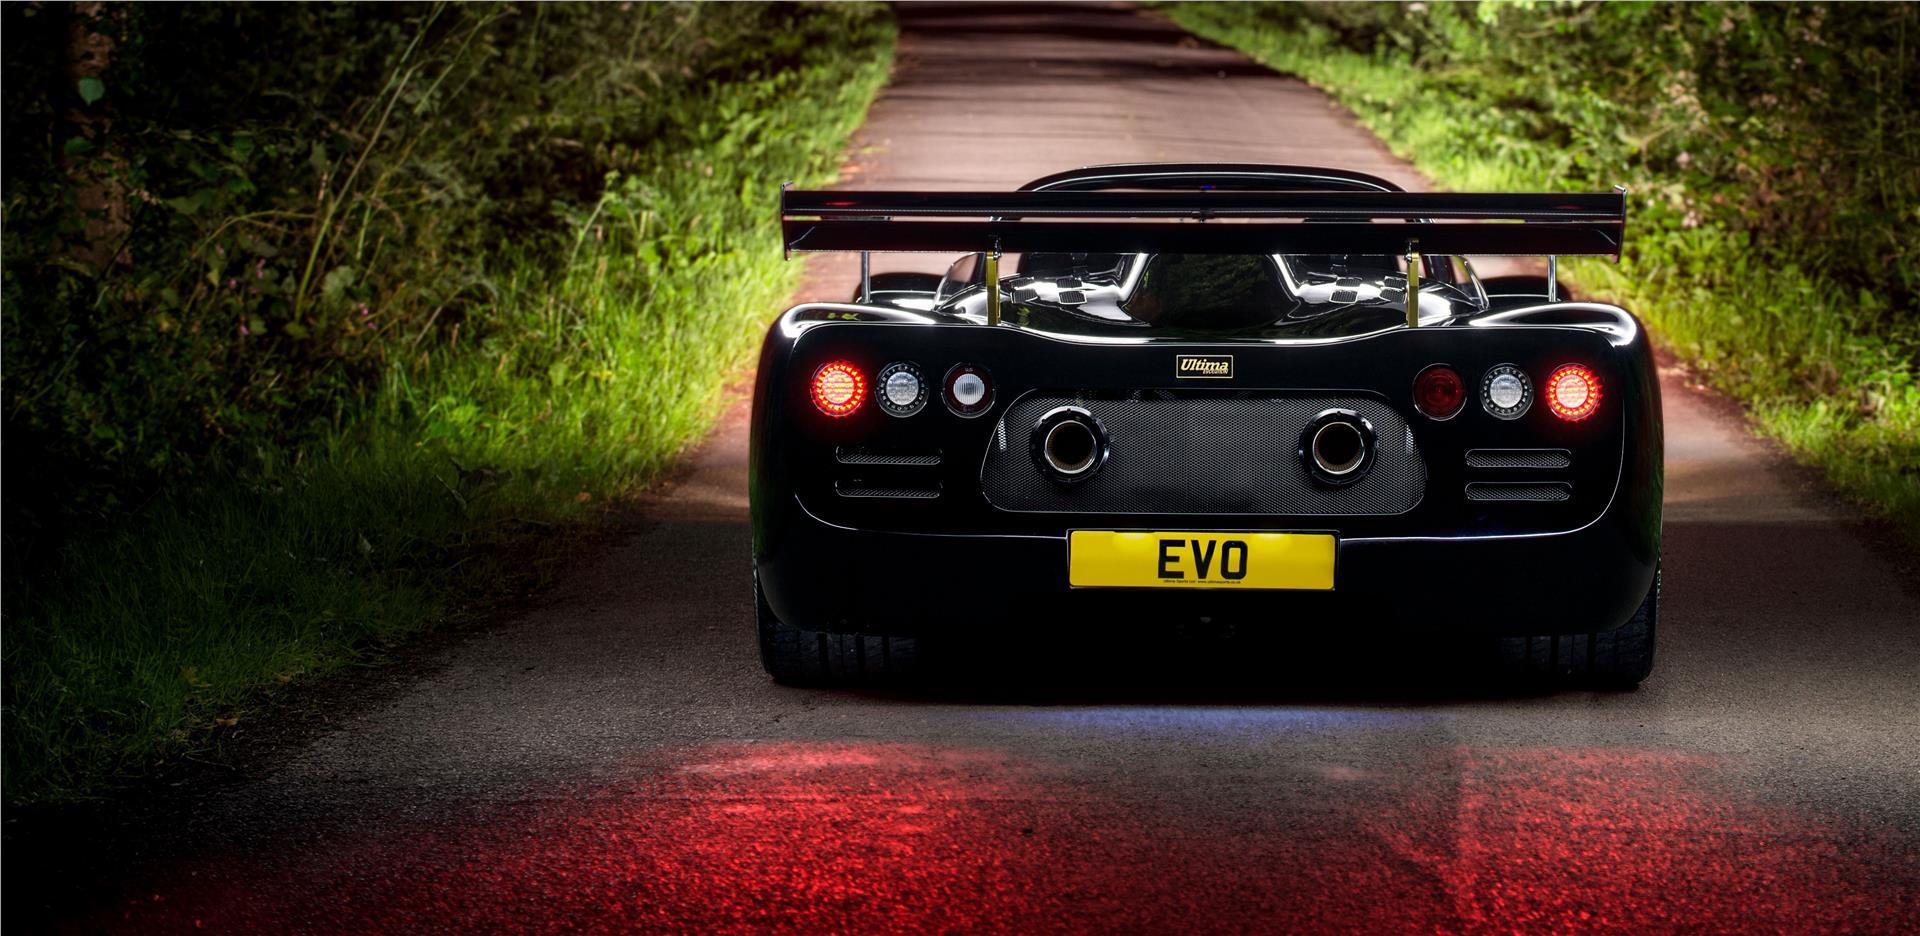 Ultima EVO Convertible